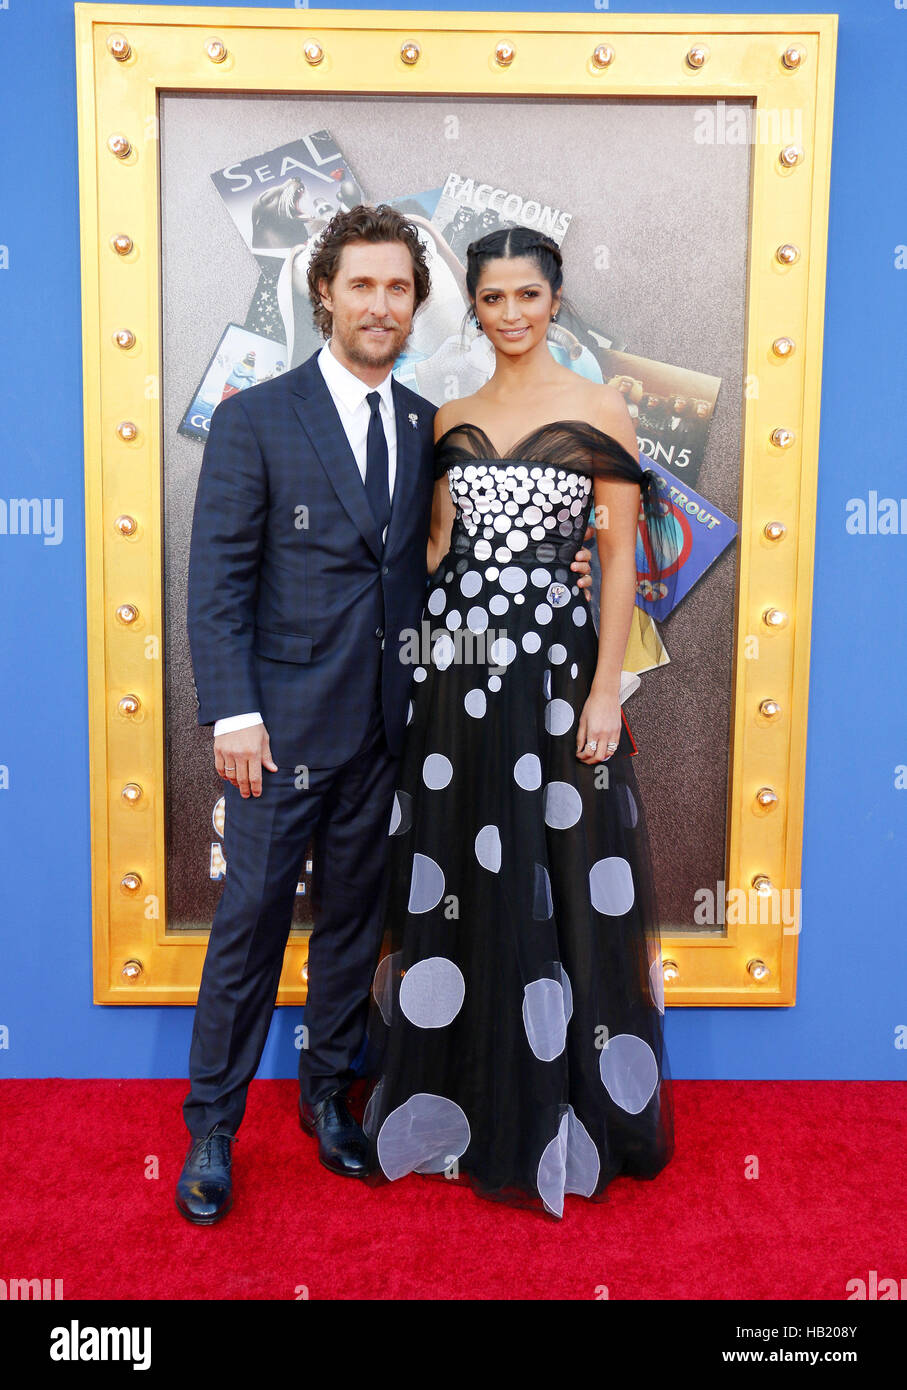 Los Angeles, Kalifornien, USA. 3. Dezember 2016. Matthew McConaughey und Camila Alves an der Los-Angeles-premiere Stockbild